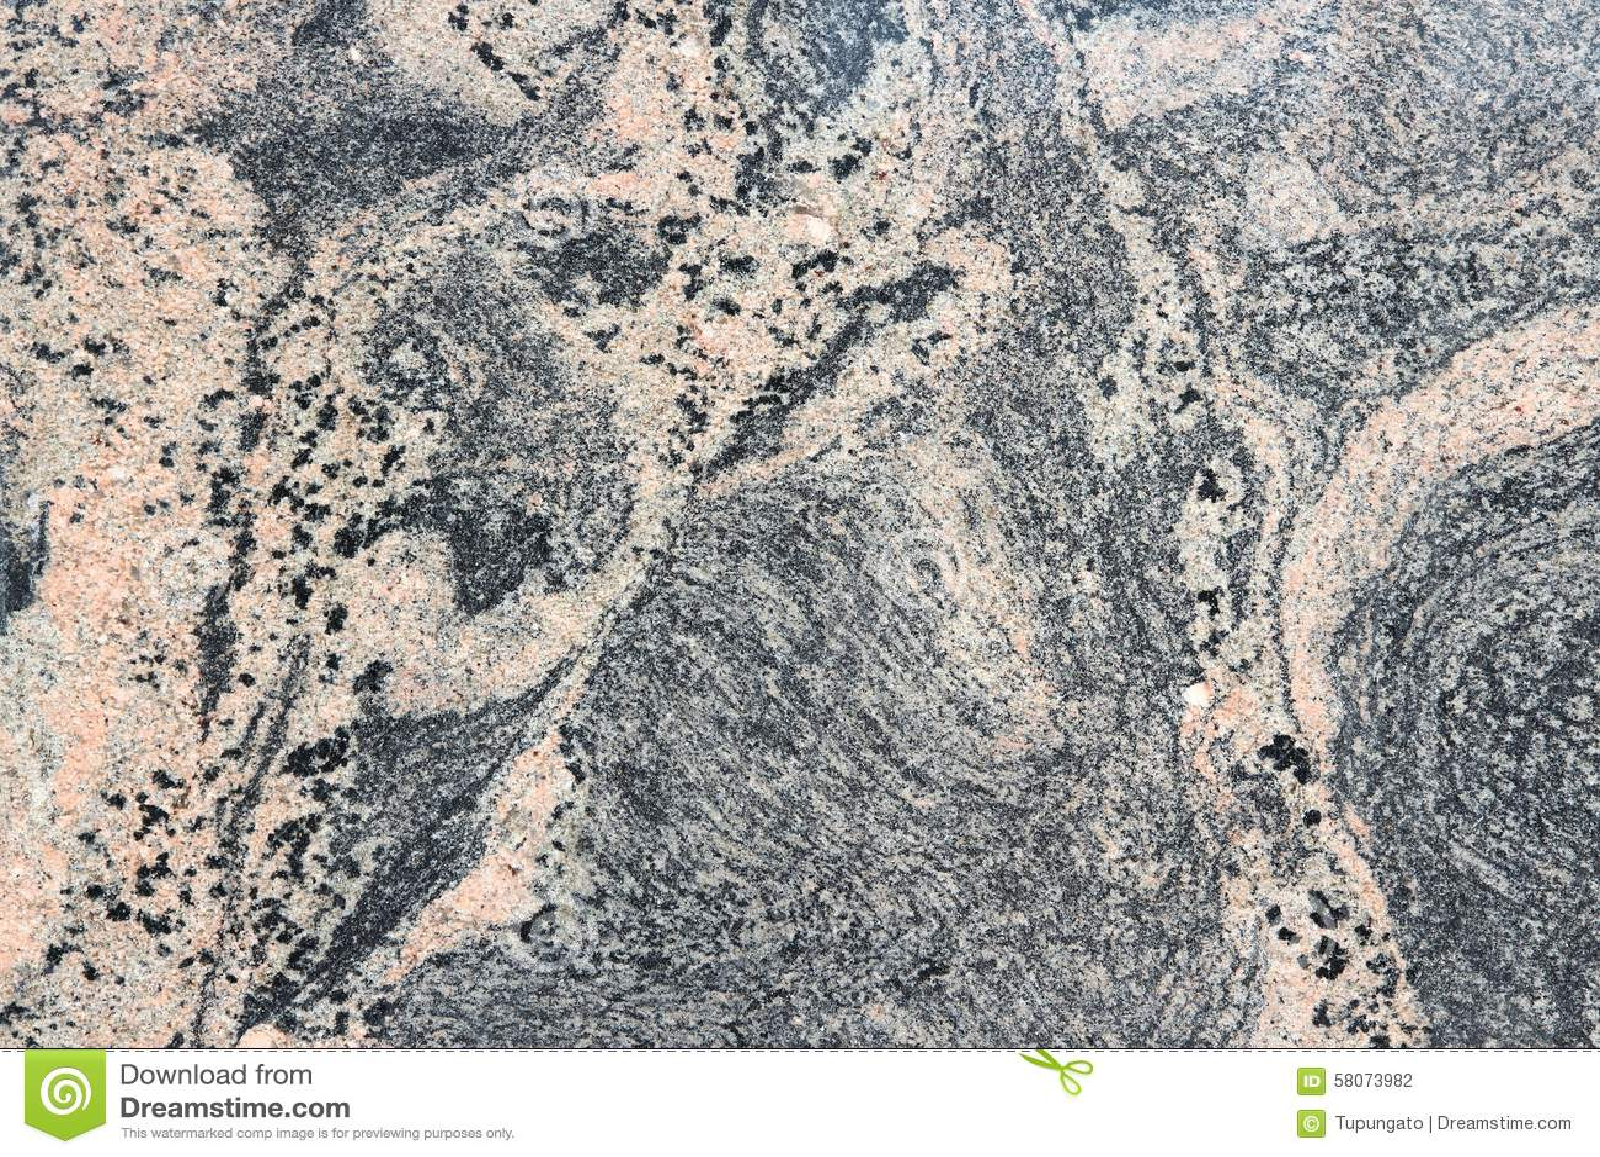 Red And Black Granite : Pink black granite stock photo image